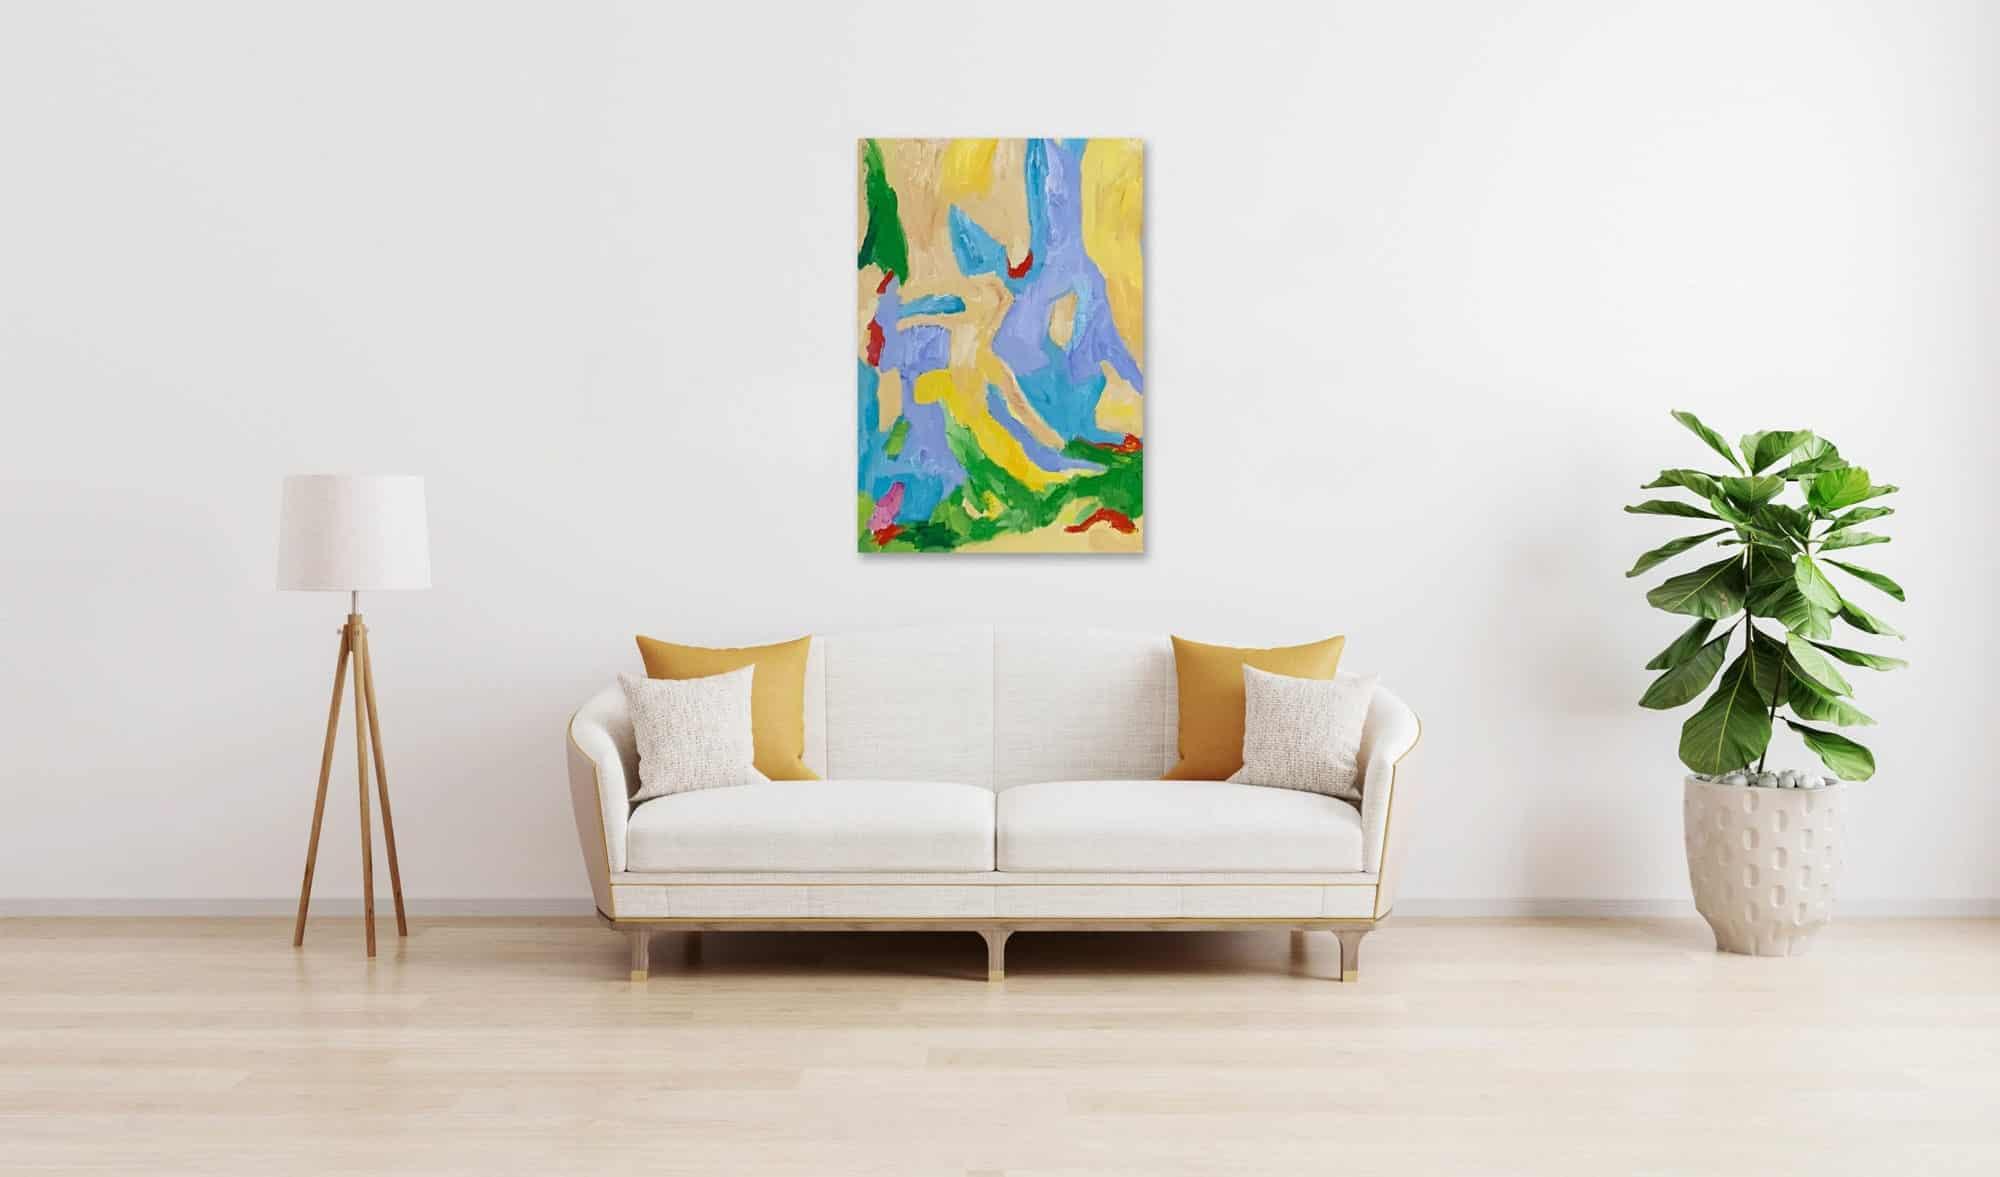 Ölgemälde auf Leinwand wandbild Abstraktion mit Blau und Ocker